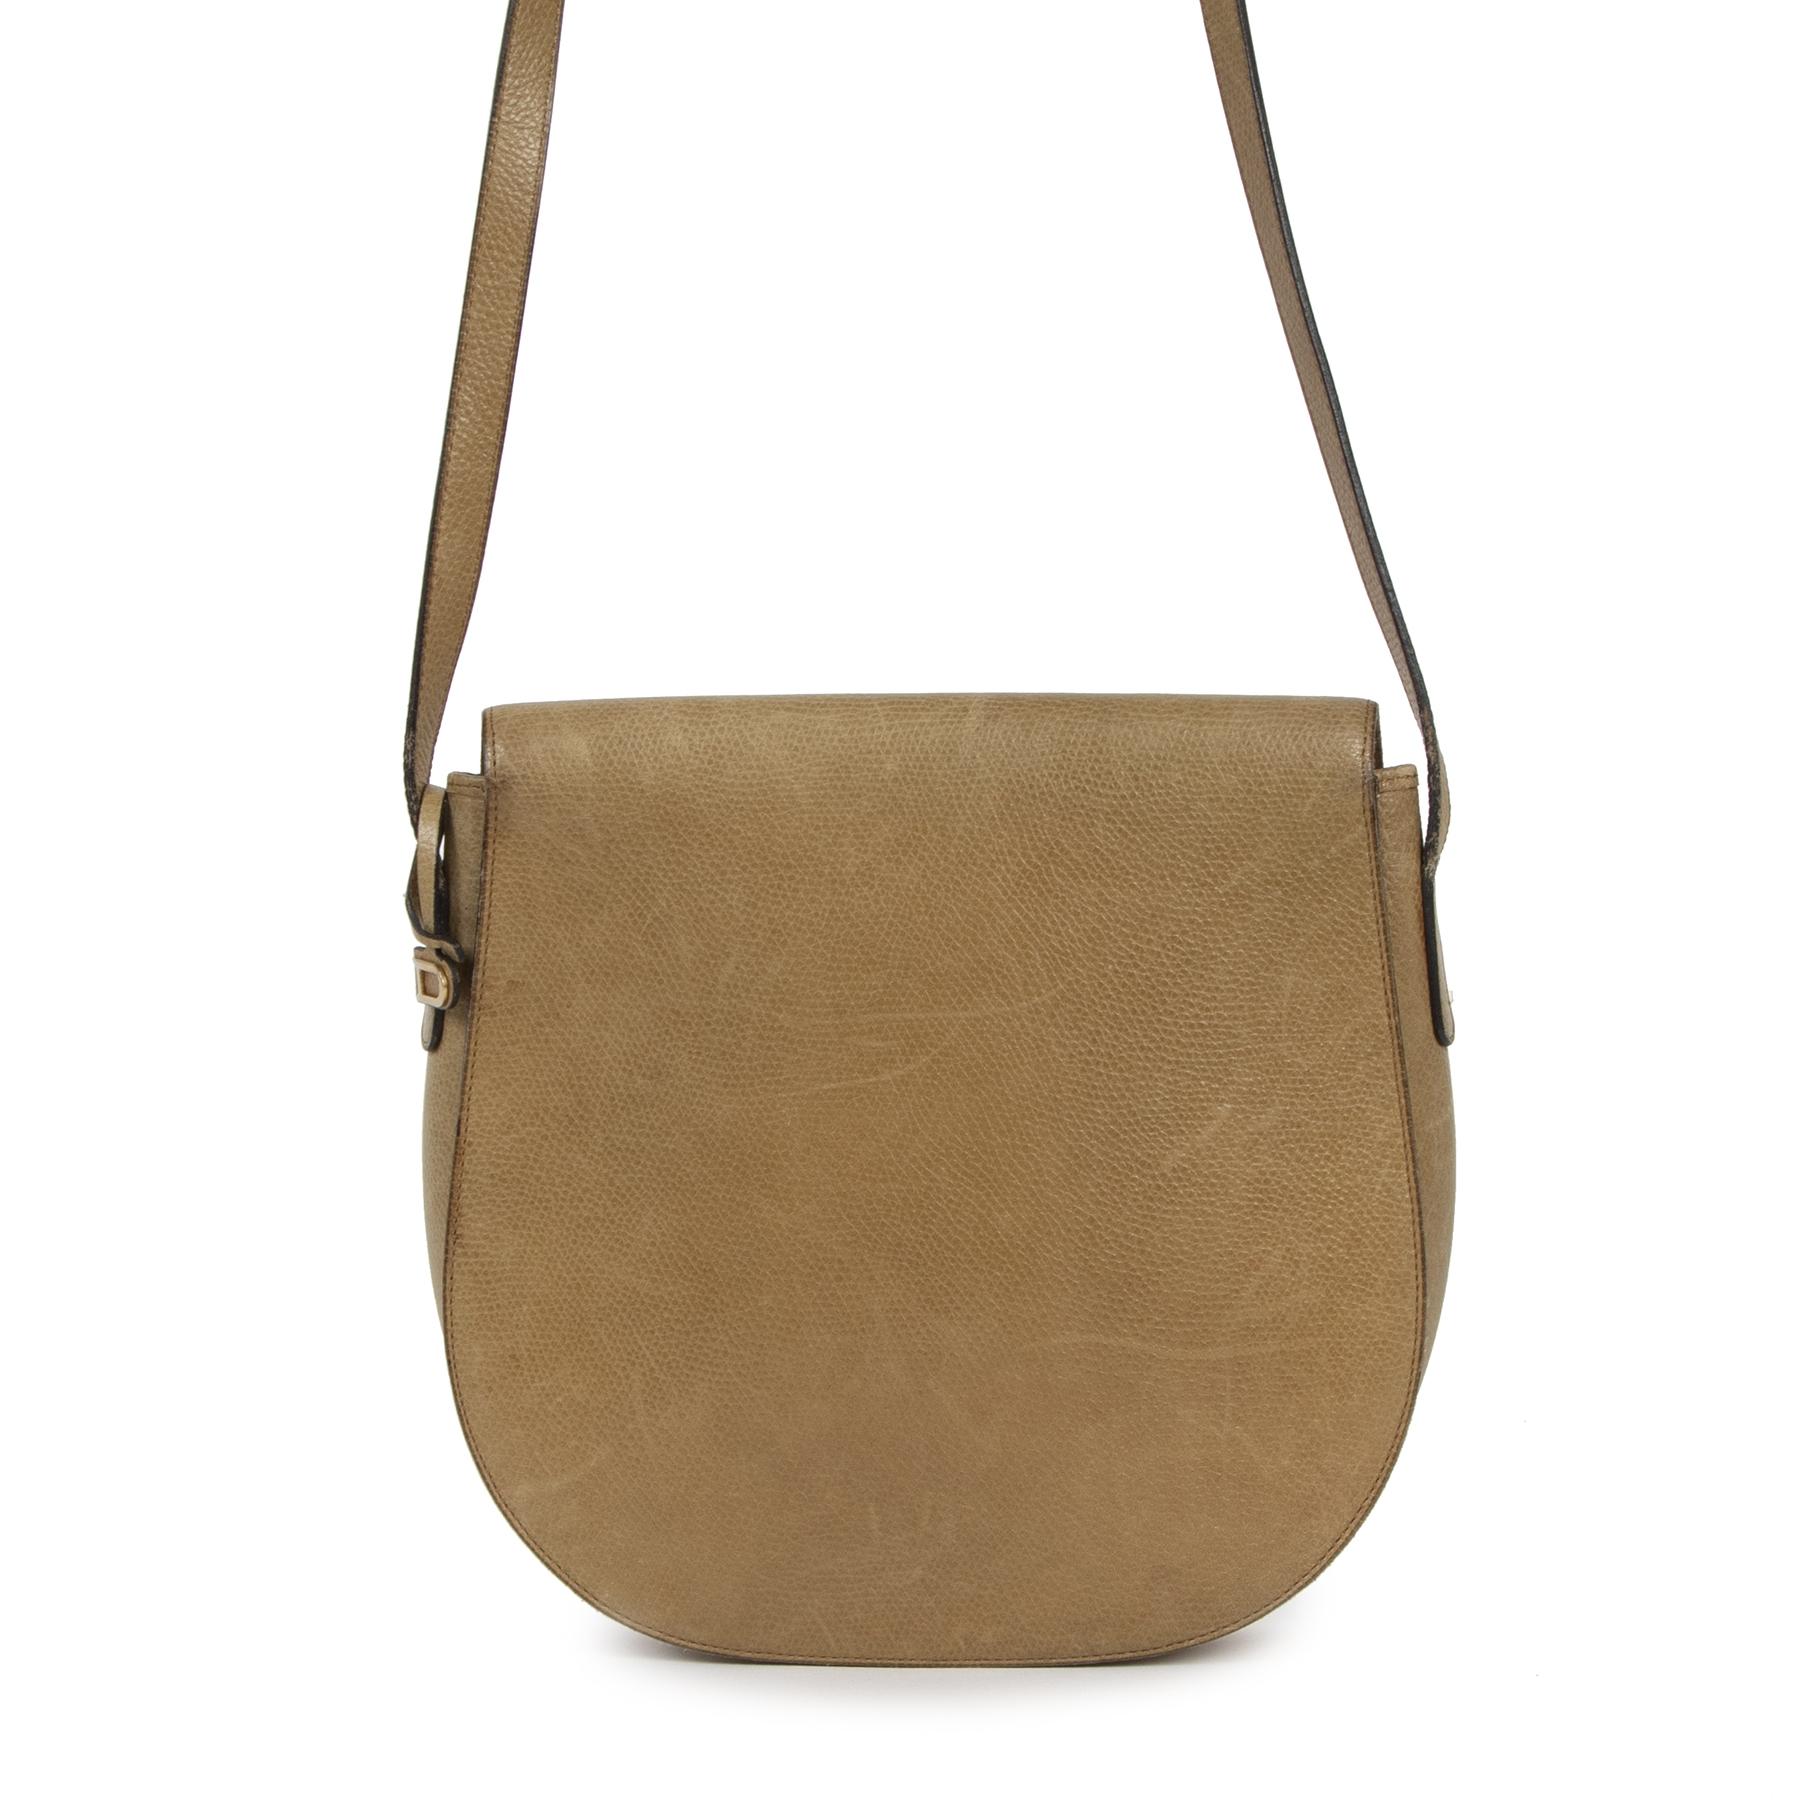 Koop authentieke tweedehands Delvaux crossbody handtassen voor de juiste prijs bij LabelLOV